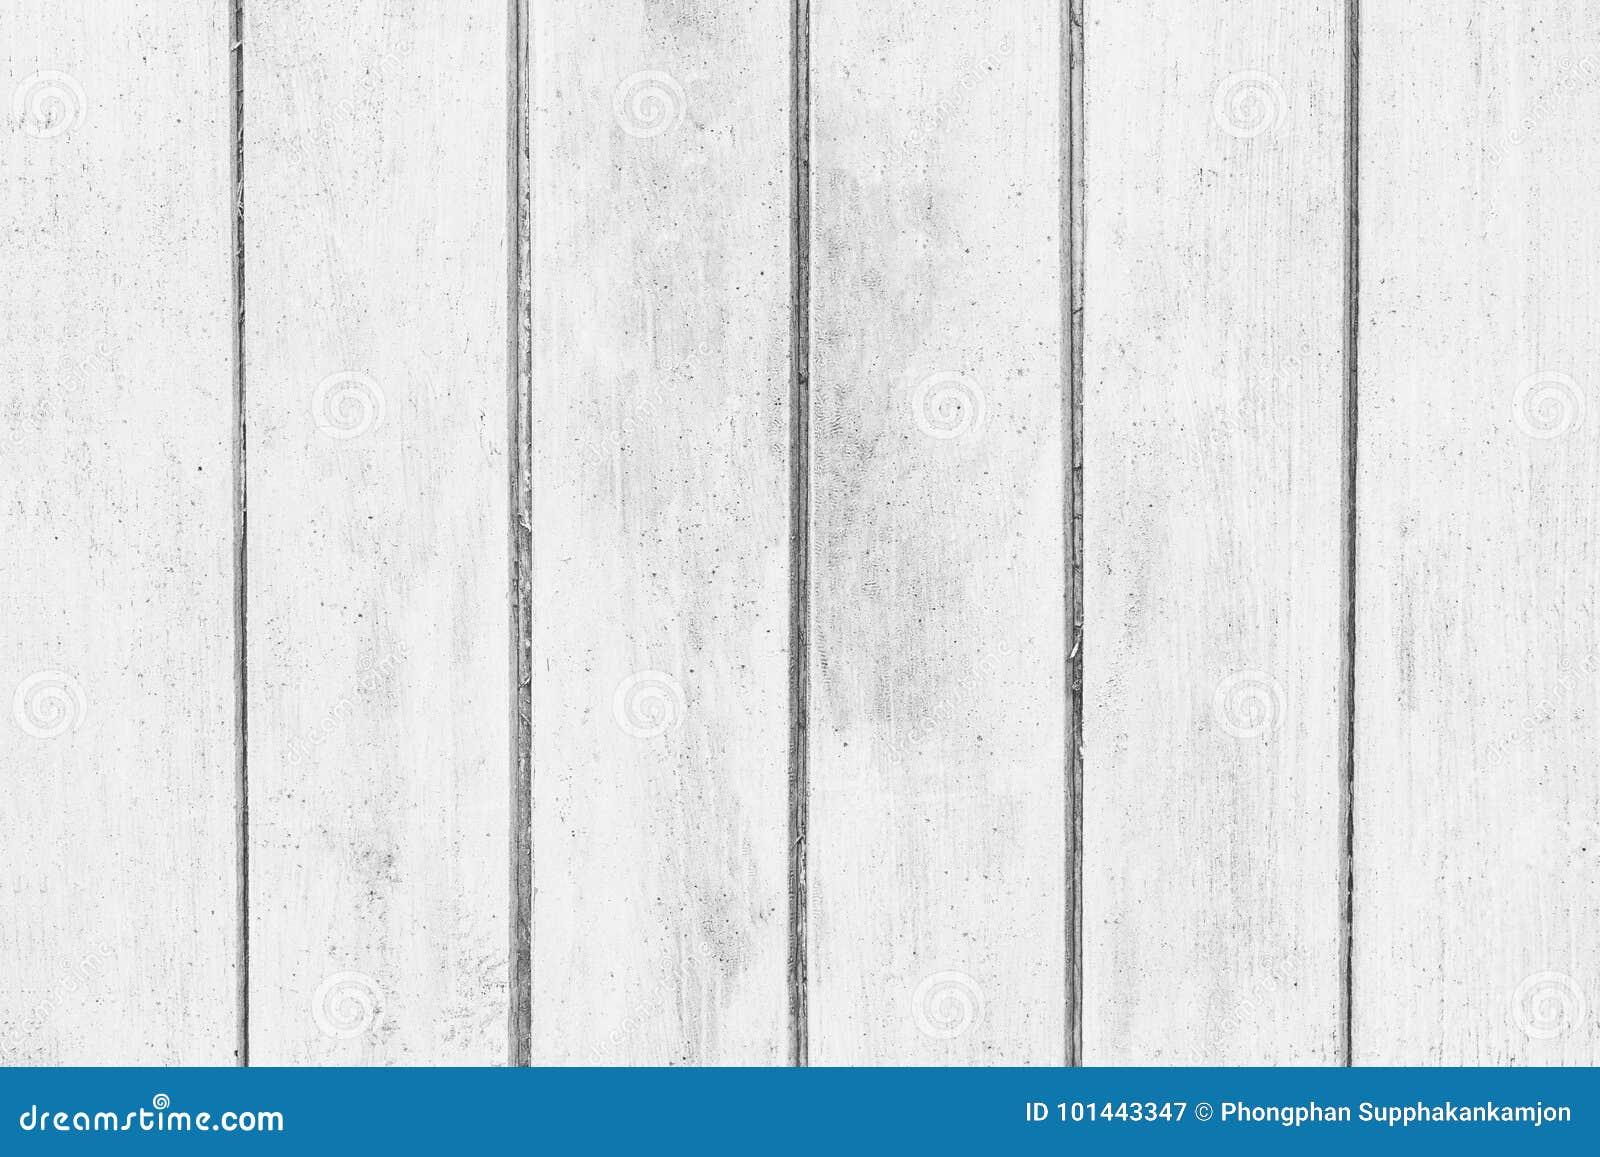 Αφηρημένο αγροτικό υπόβαθρο επιτραπέζιας σύστασης επιφάνειας άσπρο ξύλινο clo